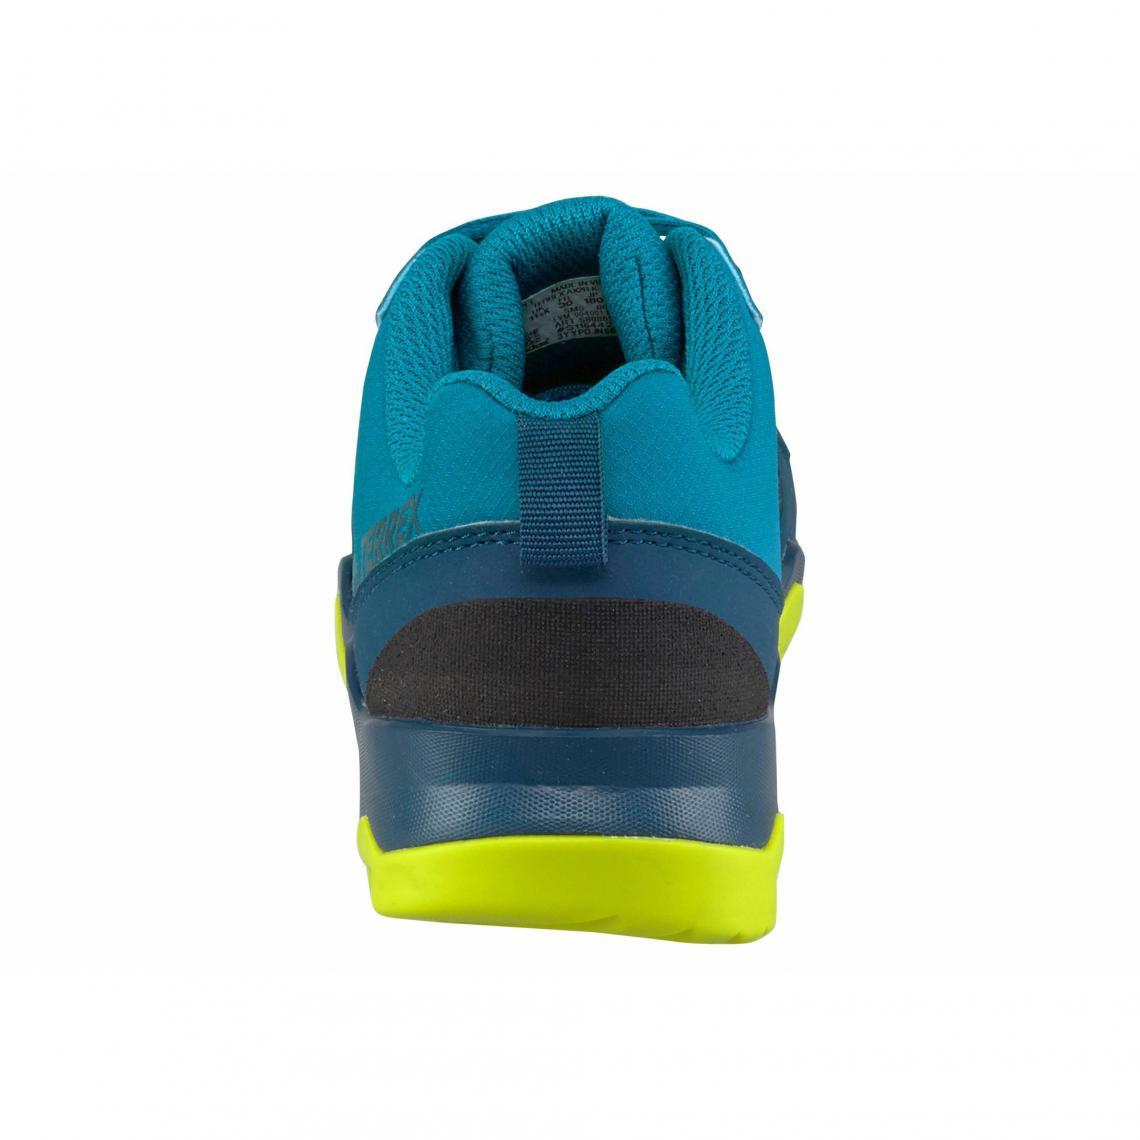 Chaussure de randonnée enfant Adidas Performance Terrex AX2R